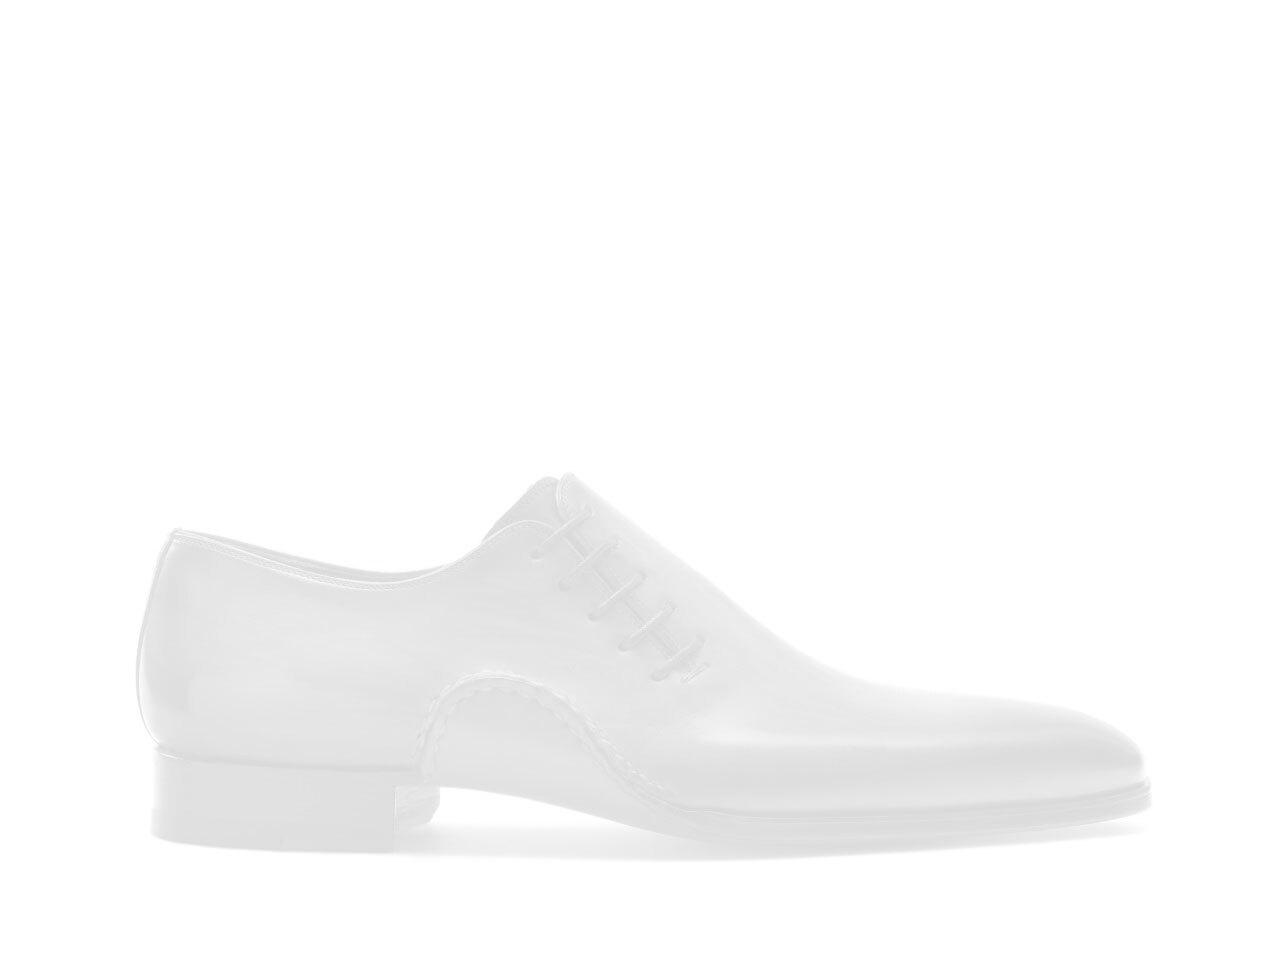 Sole of the Magnanni Blanco Lo | White